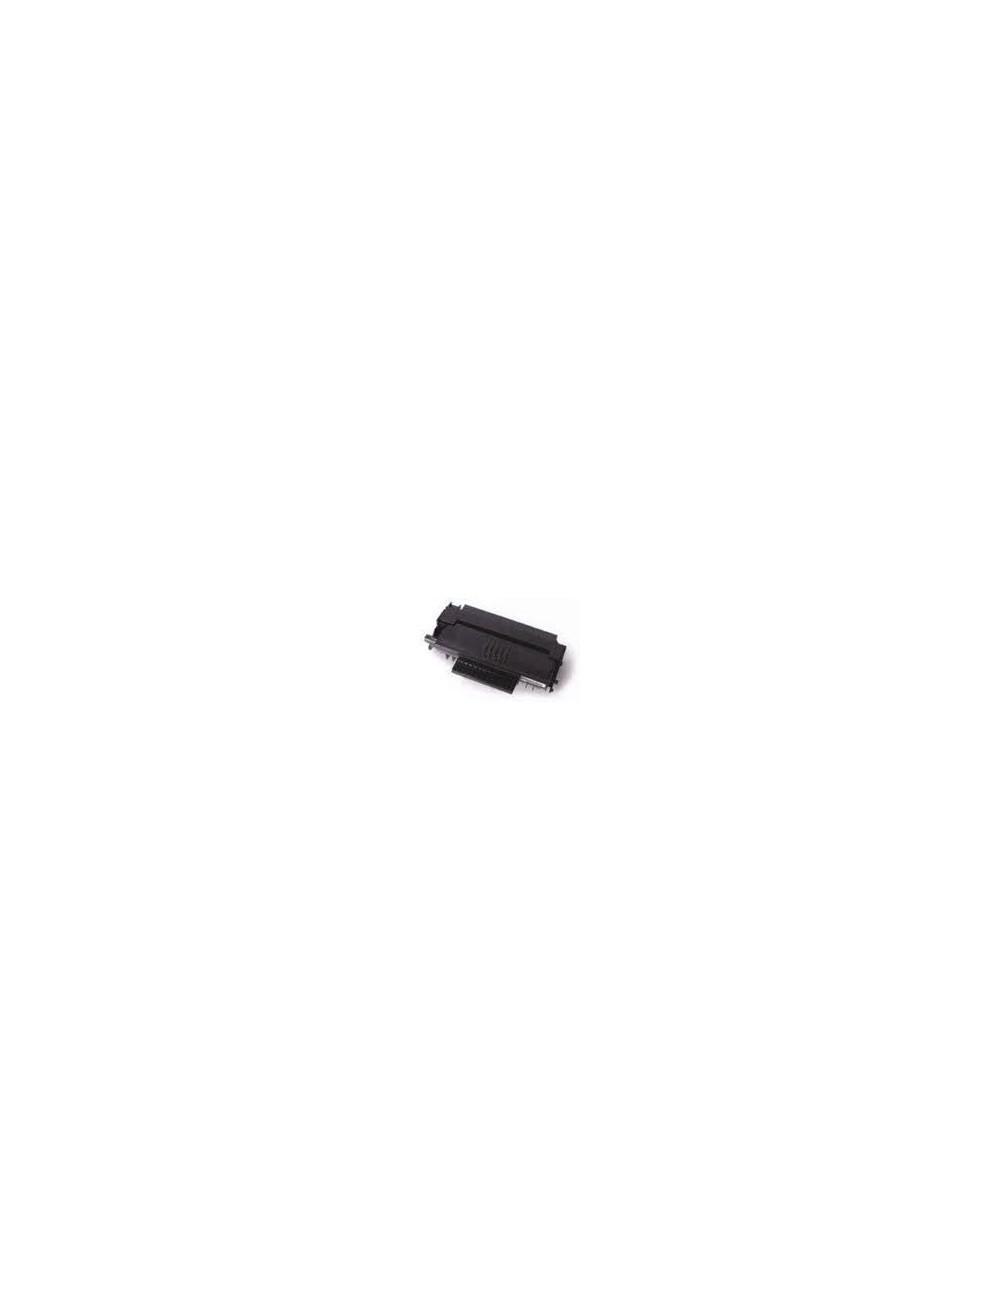 Συμβατό Καινούριο Τόνερ Ricoh SP 1000Fax 1140-1180-F110